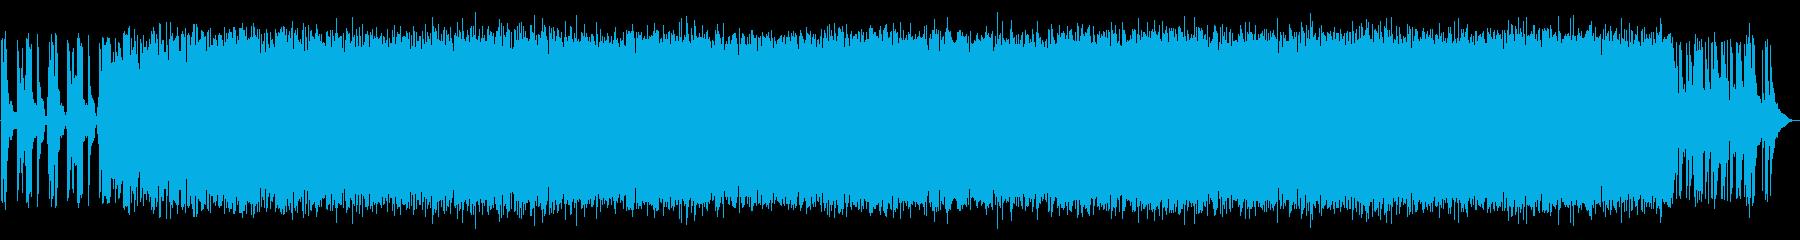 和太鼓を使ったアシッドテクノの再生済みの波形